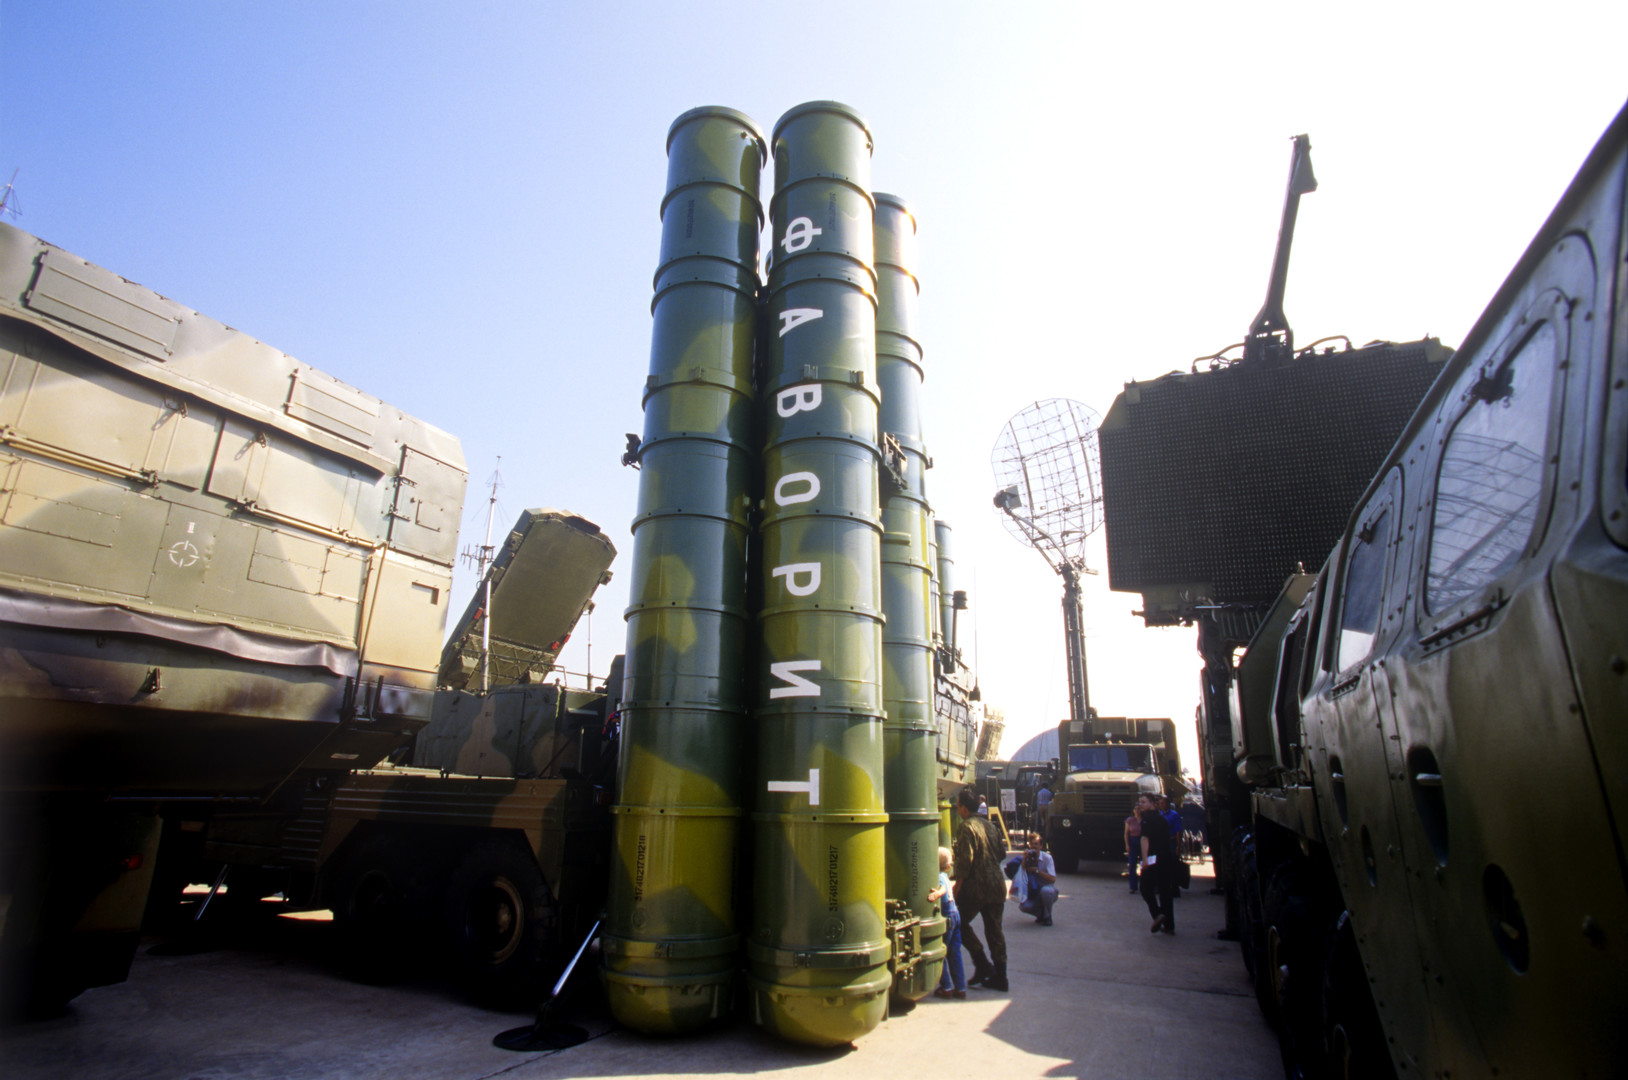 تقرير إسرائيل: روسيا استكملت نصب جميع بطاريات صواريخ